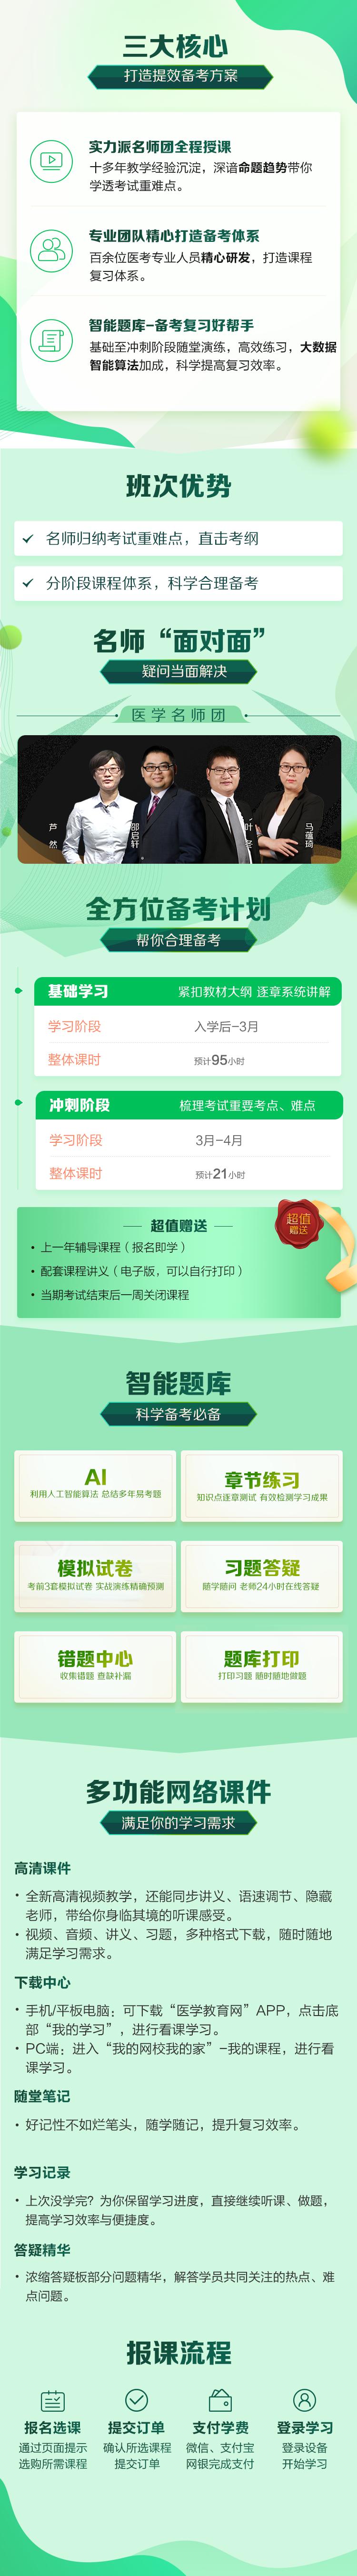 医学教育网护士资格超值精品班【全科】